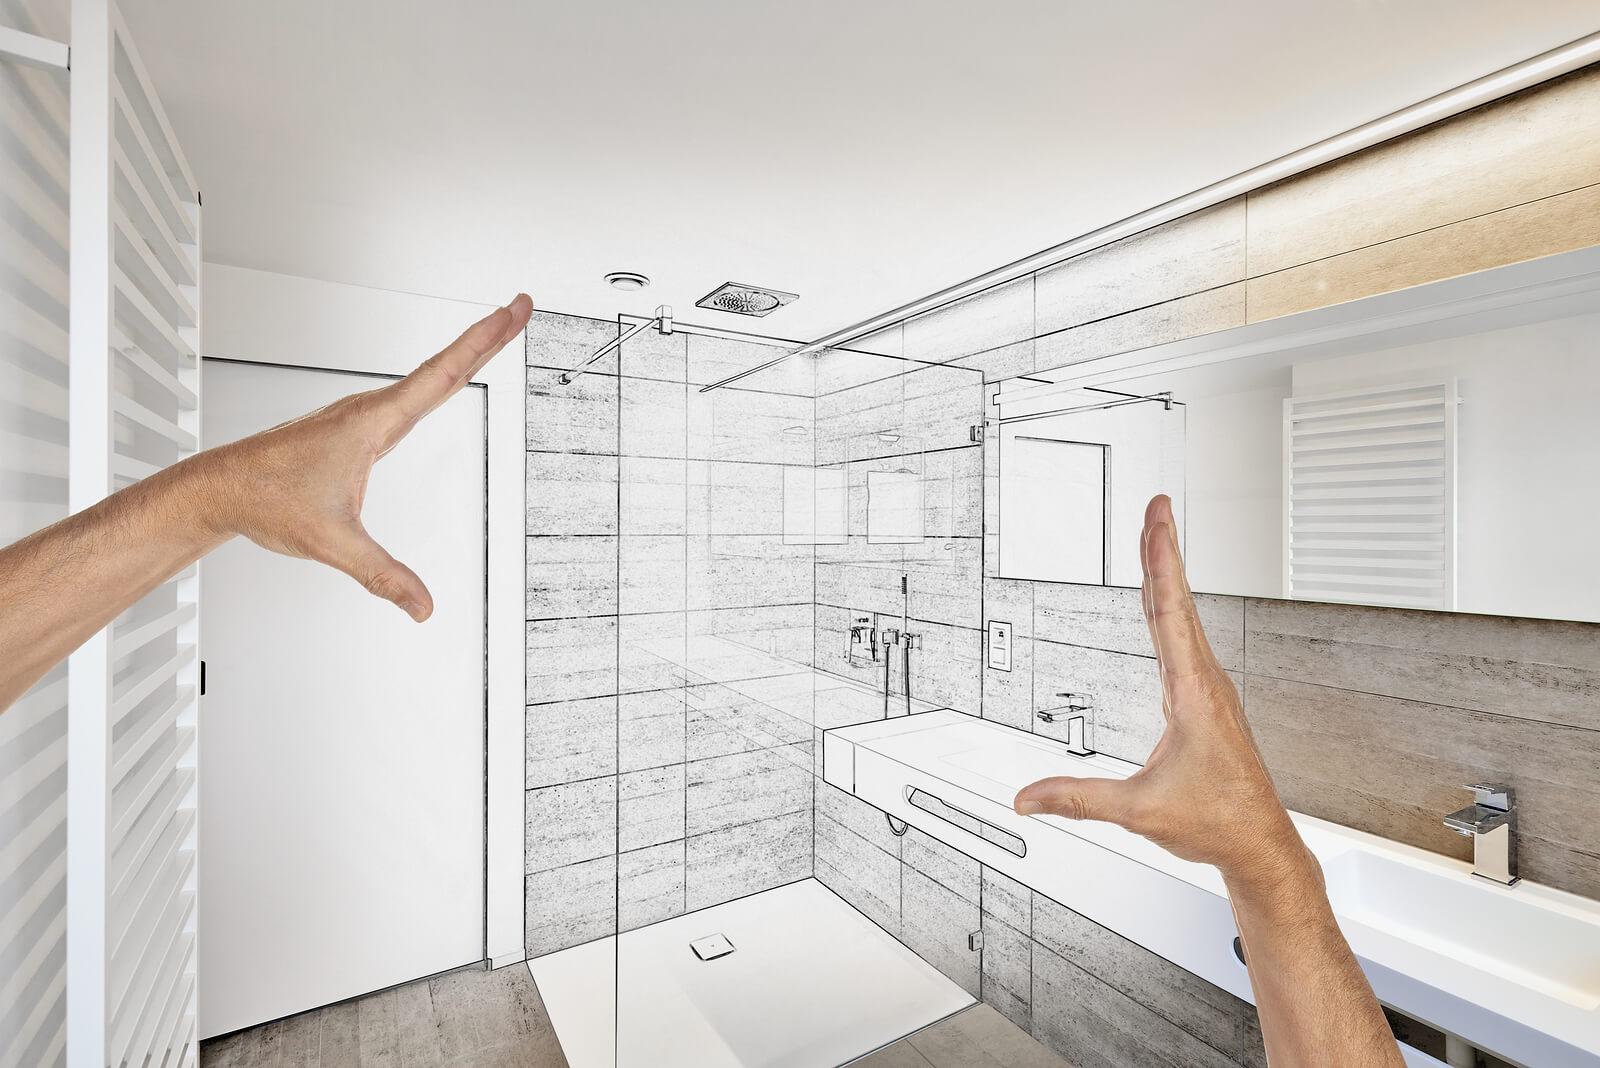 Bathroom Renovation | Longmont | KBC Remodeling Services